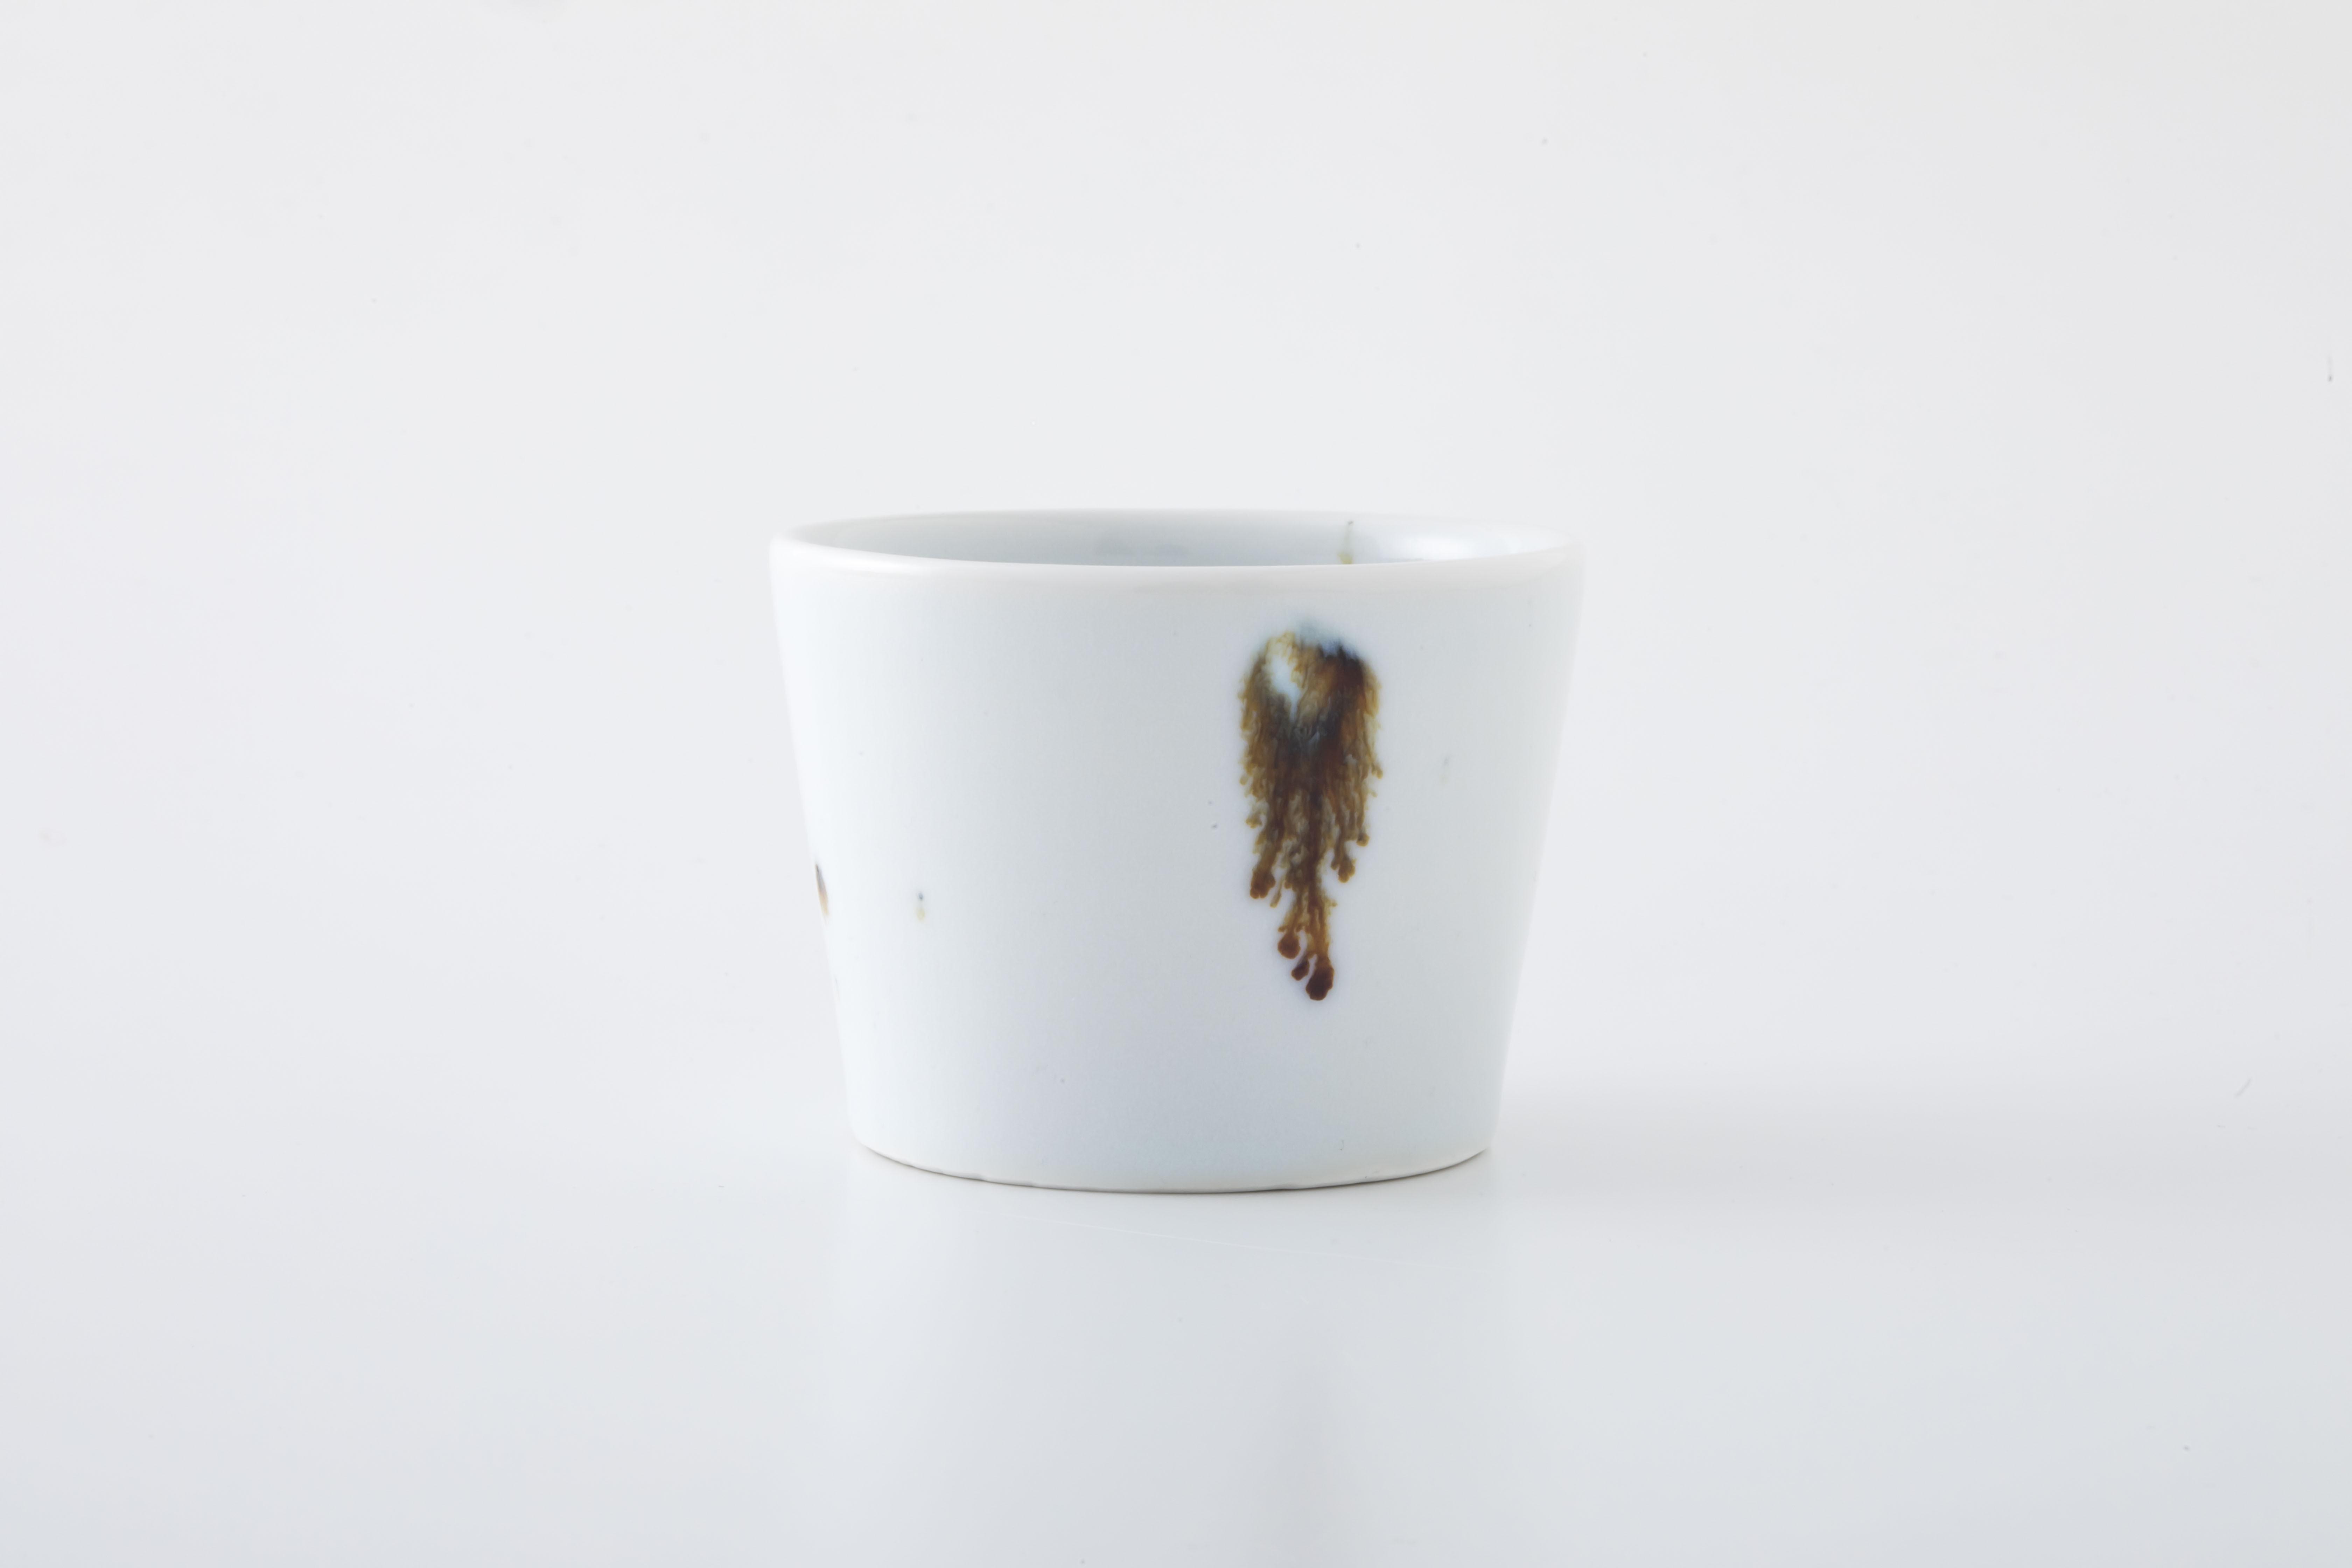 フリーカップ:03 / 人見 和樹